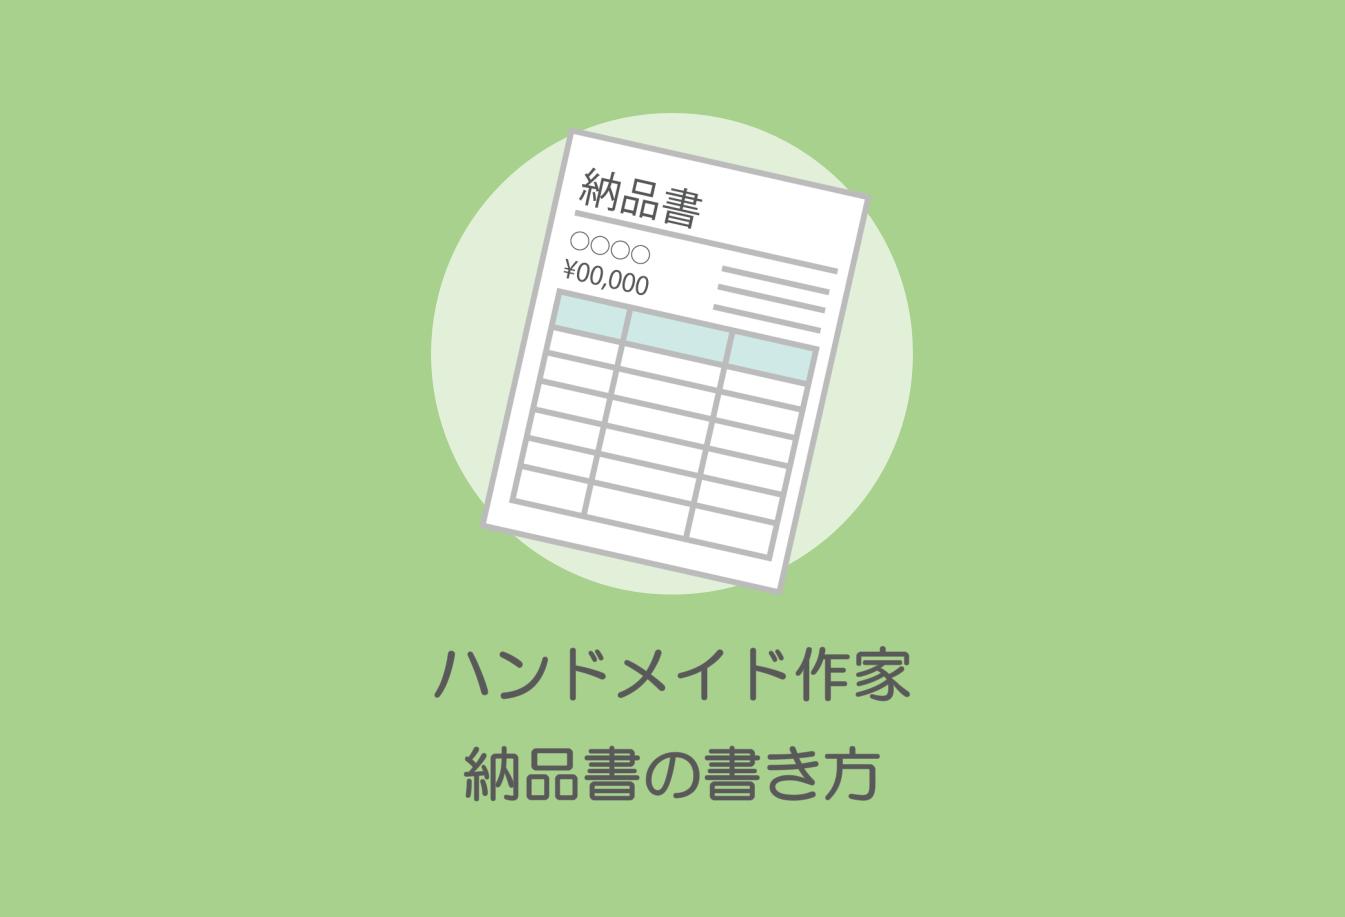 ハンドメイド作品に同封する納品書の書き方【テンプレートあり】